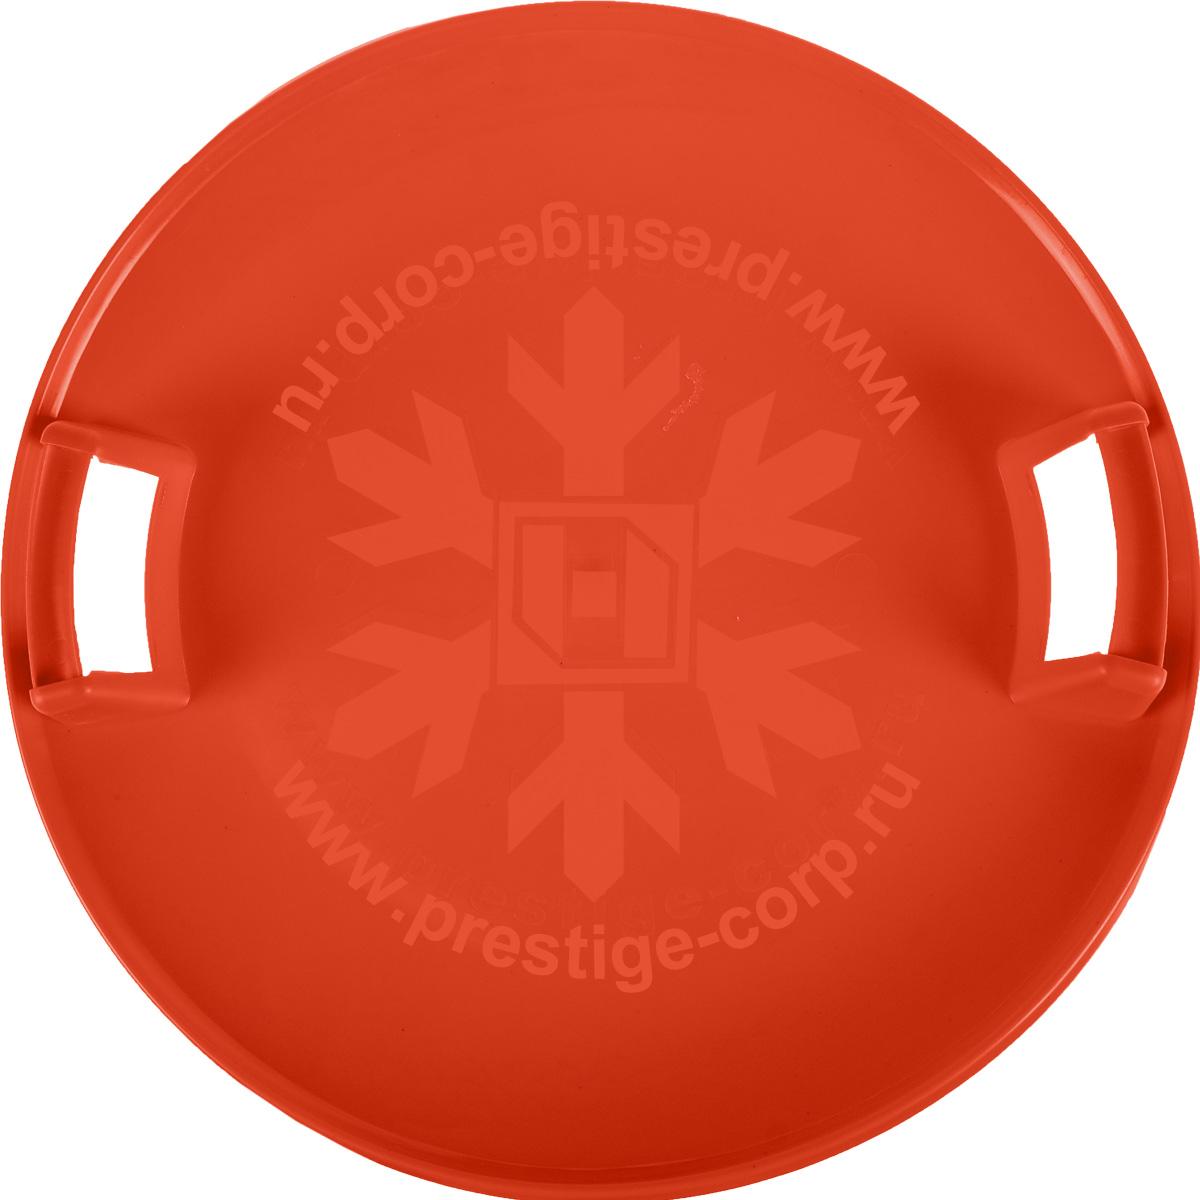 Санки-ледянки Престиж Экстрим, с пластиковыми ручками, цвет: оранжевый, диаметр 58 смПл-С90Любимая детская зимняя забава - это катание с горки. Яркие санки-ледянки Престиж Экстрим станут незаменимым атрибутом этой веселой детской игры. Санки-ледянки Престиж Экстрим - это специальная пластиковая тарелка, облегчающая скольжение и увеличивающая скорость движения по горке. Круглая ледянка выполнена из прочного морозоустойчивого пластика и снабжена двумя удобными ручками, чтобы катание вашего ребенка было безопасным. Отличная скорость, прочный материал и спуск, который можно закончить сидя спиной к низу горки - вот что может предоставить это изделие! Благодаря малому весу, ледянку, в отличие от обычных санок, легко нести с собой даже ребенку.